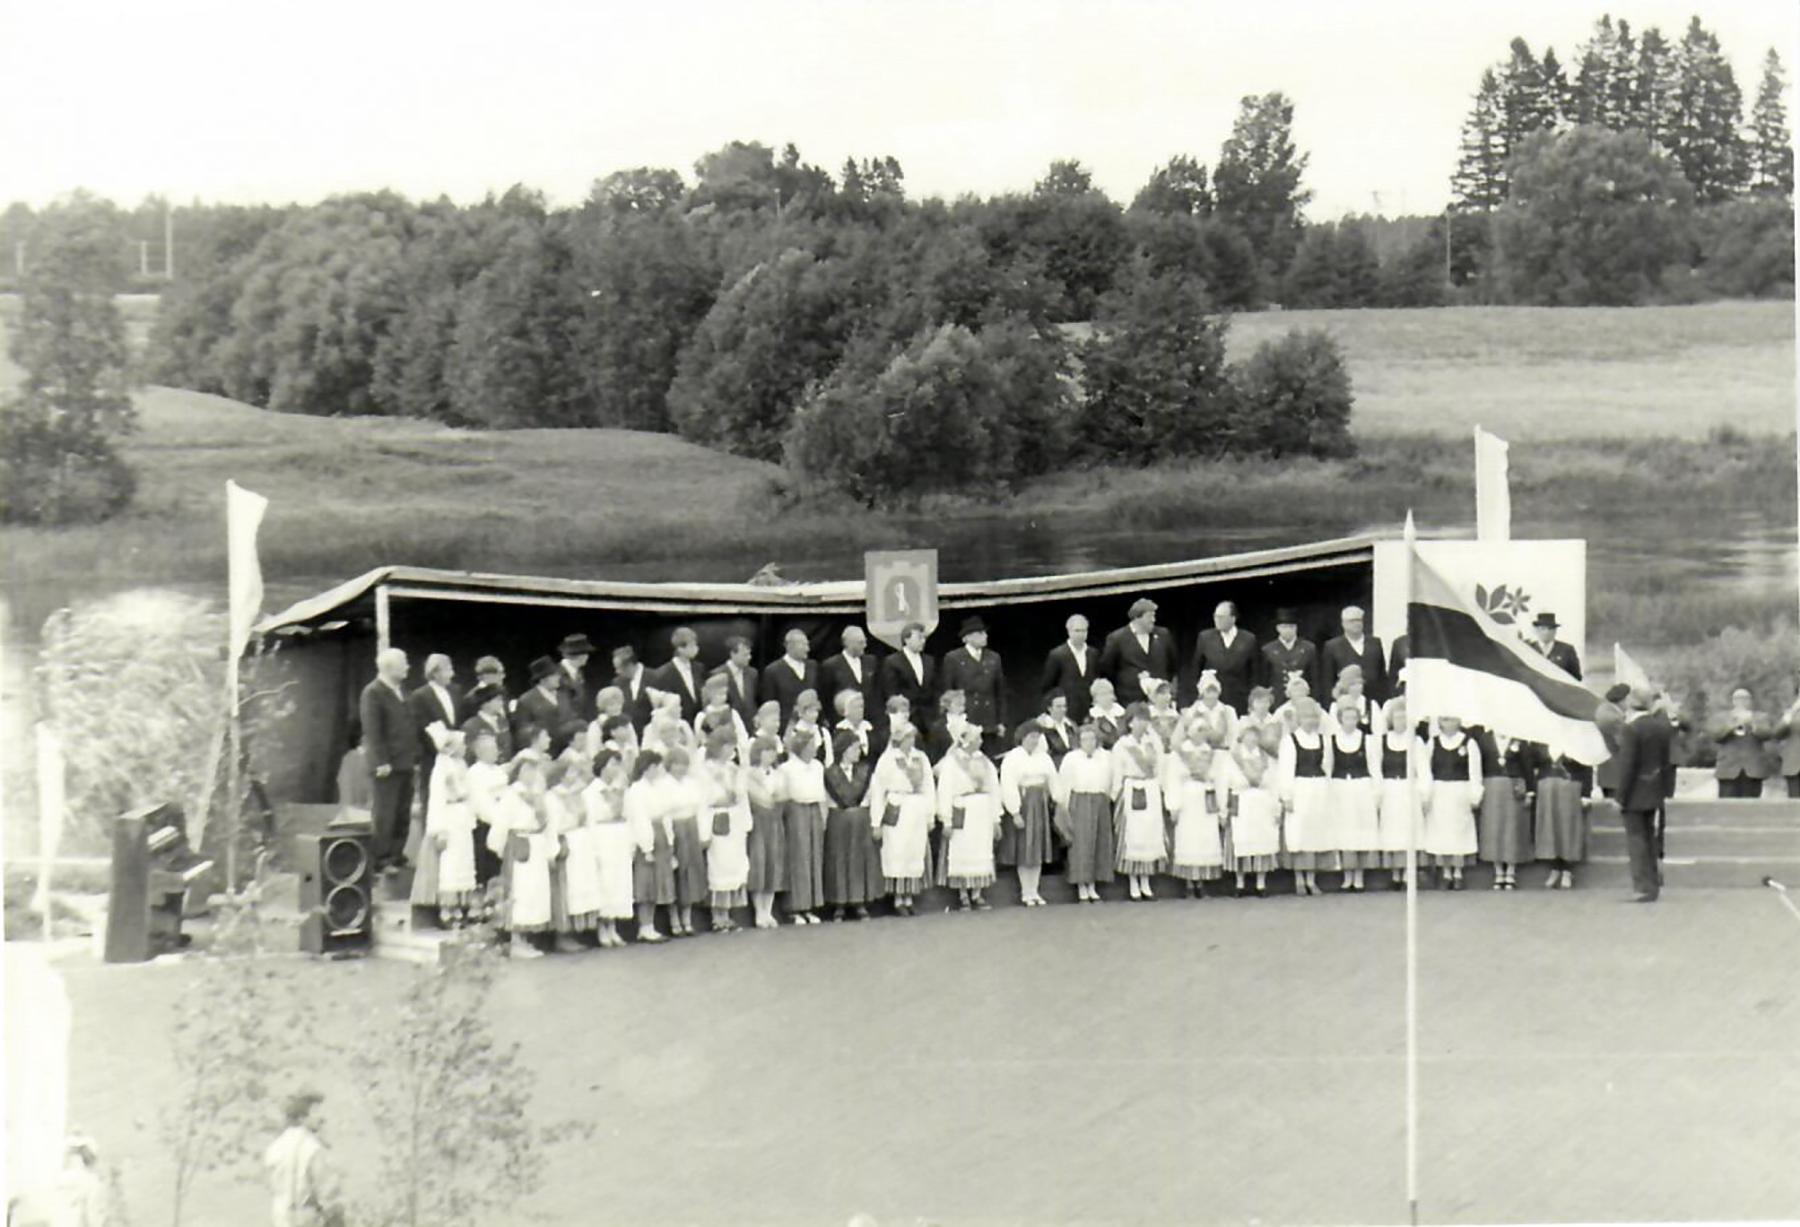 Linna viiekümnenda juubeliaegne Sindi laululava. Foto Sindi muuseumi arhiivist